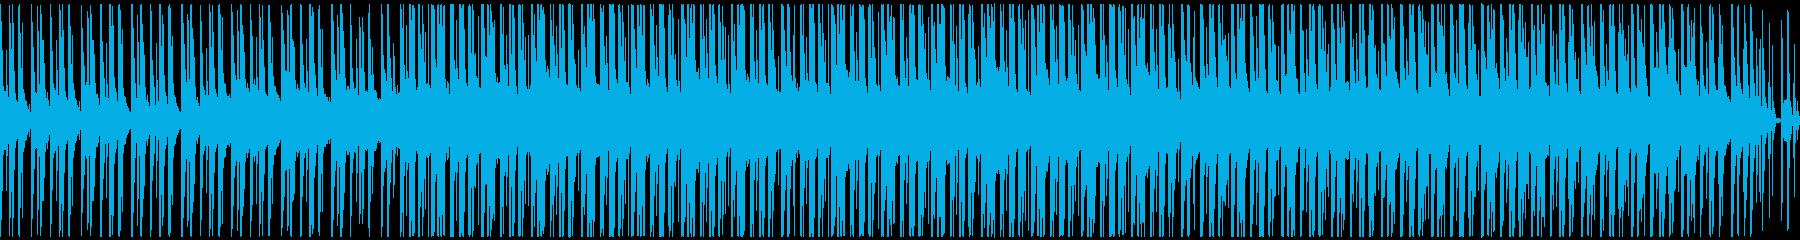 爽やかな雰囲気のテクノ【ループ可能】の再生済みの波形